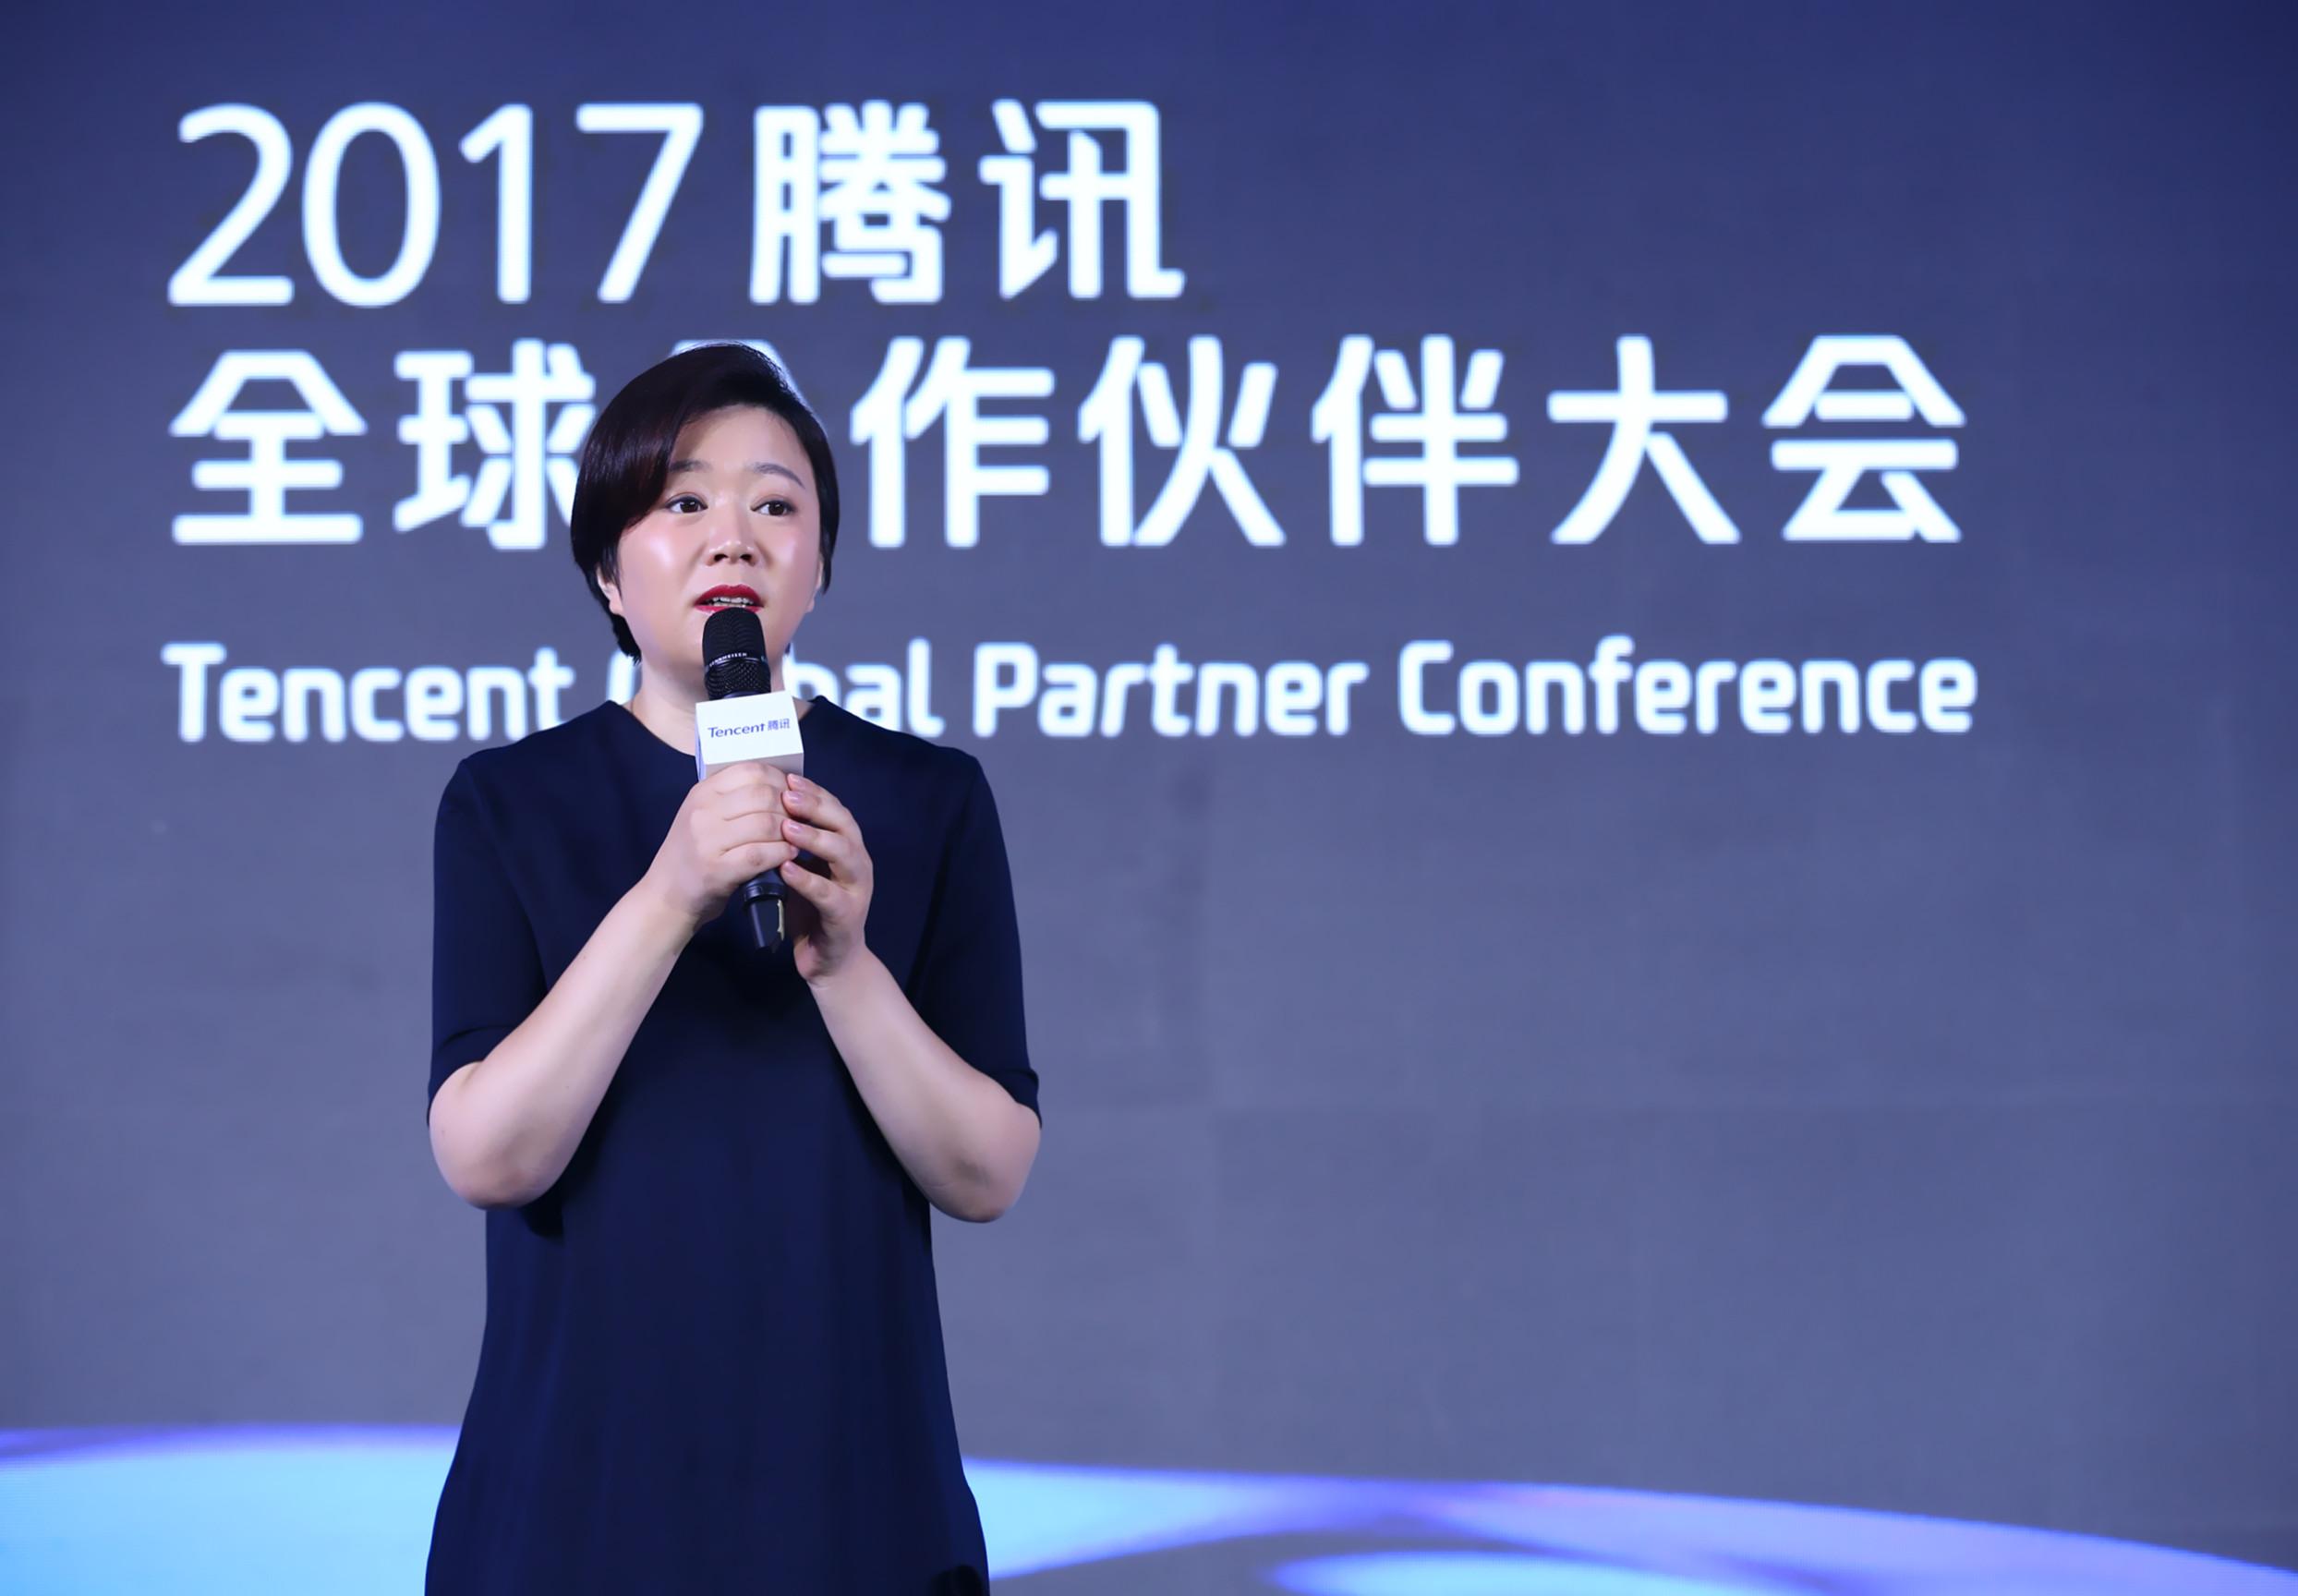 腾讯汽车发布千乘计划2.0战略 媒体内容生态升级